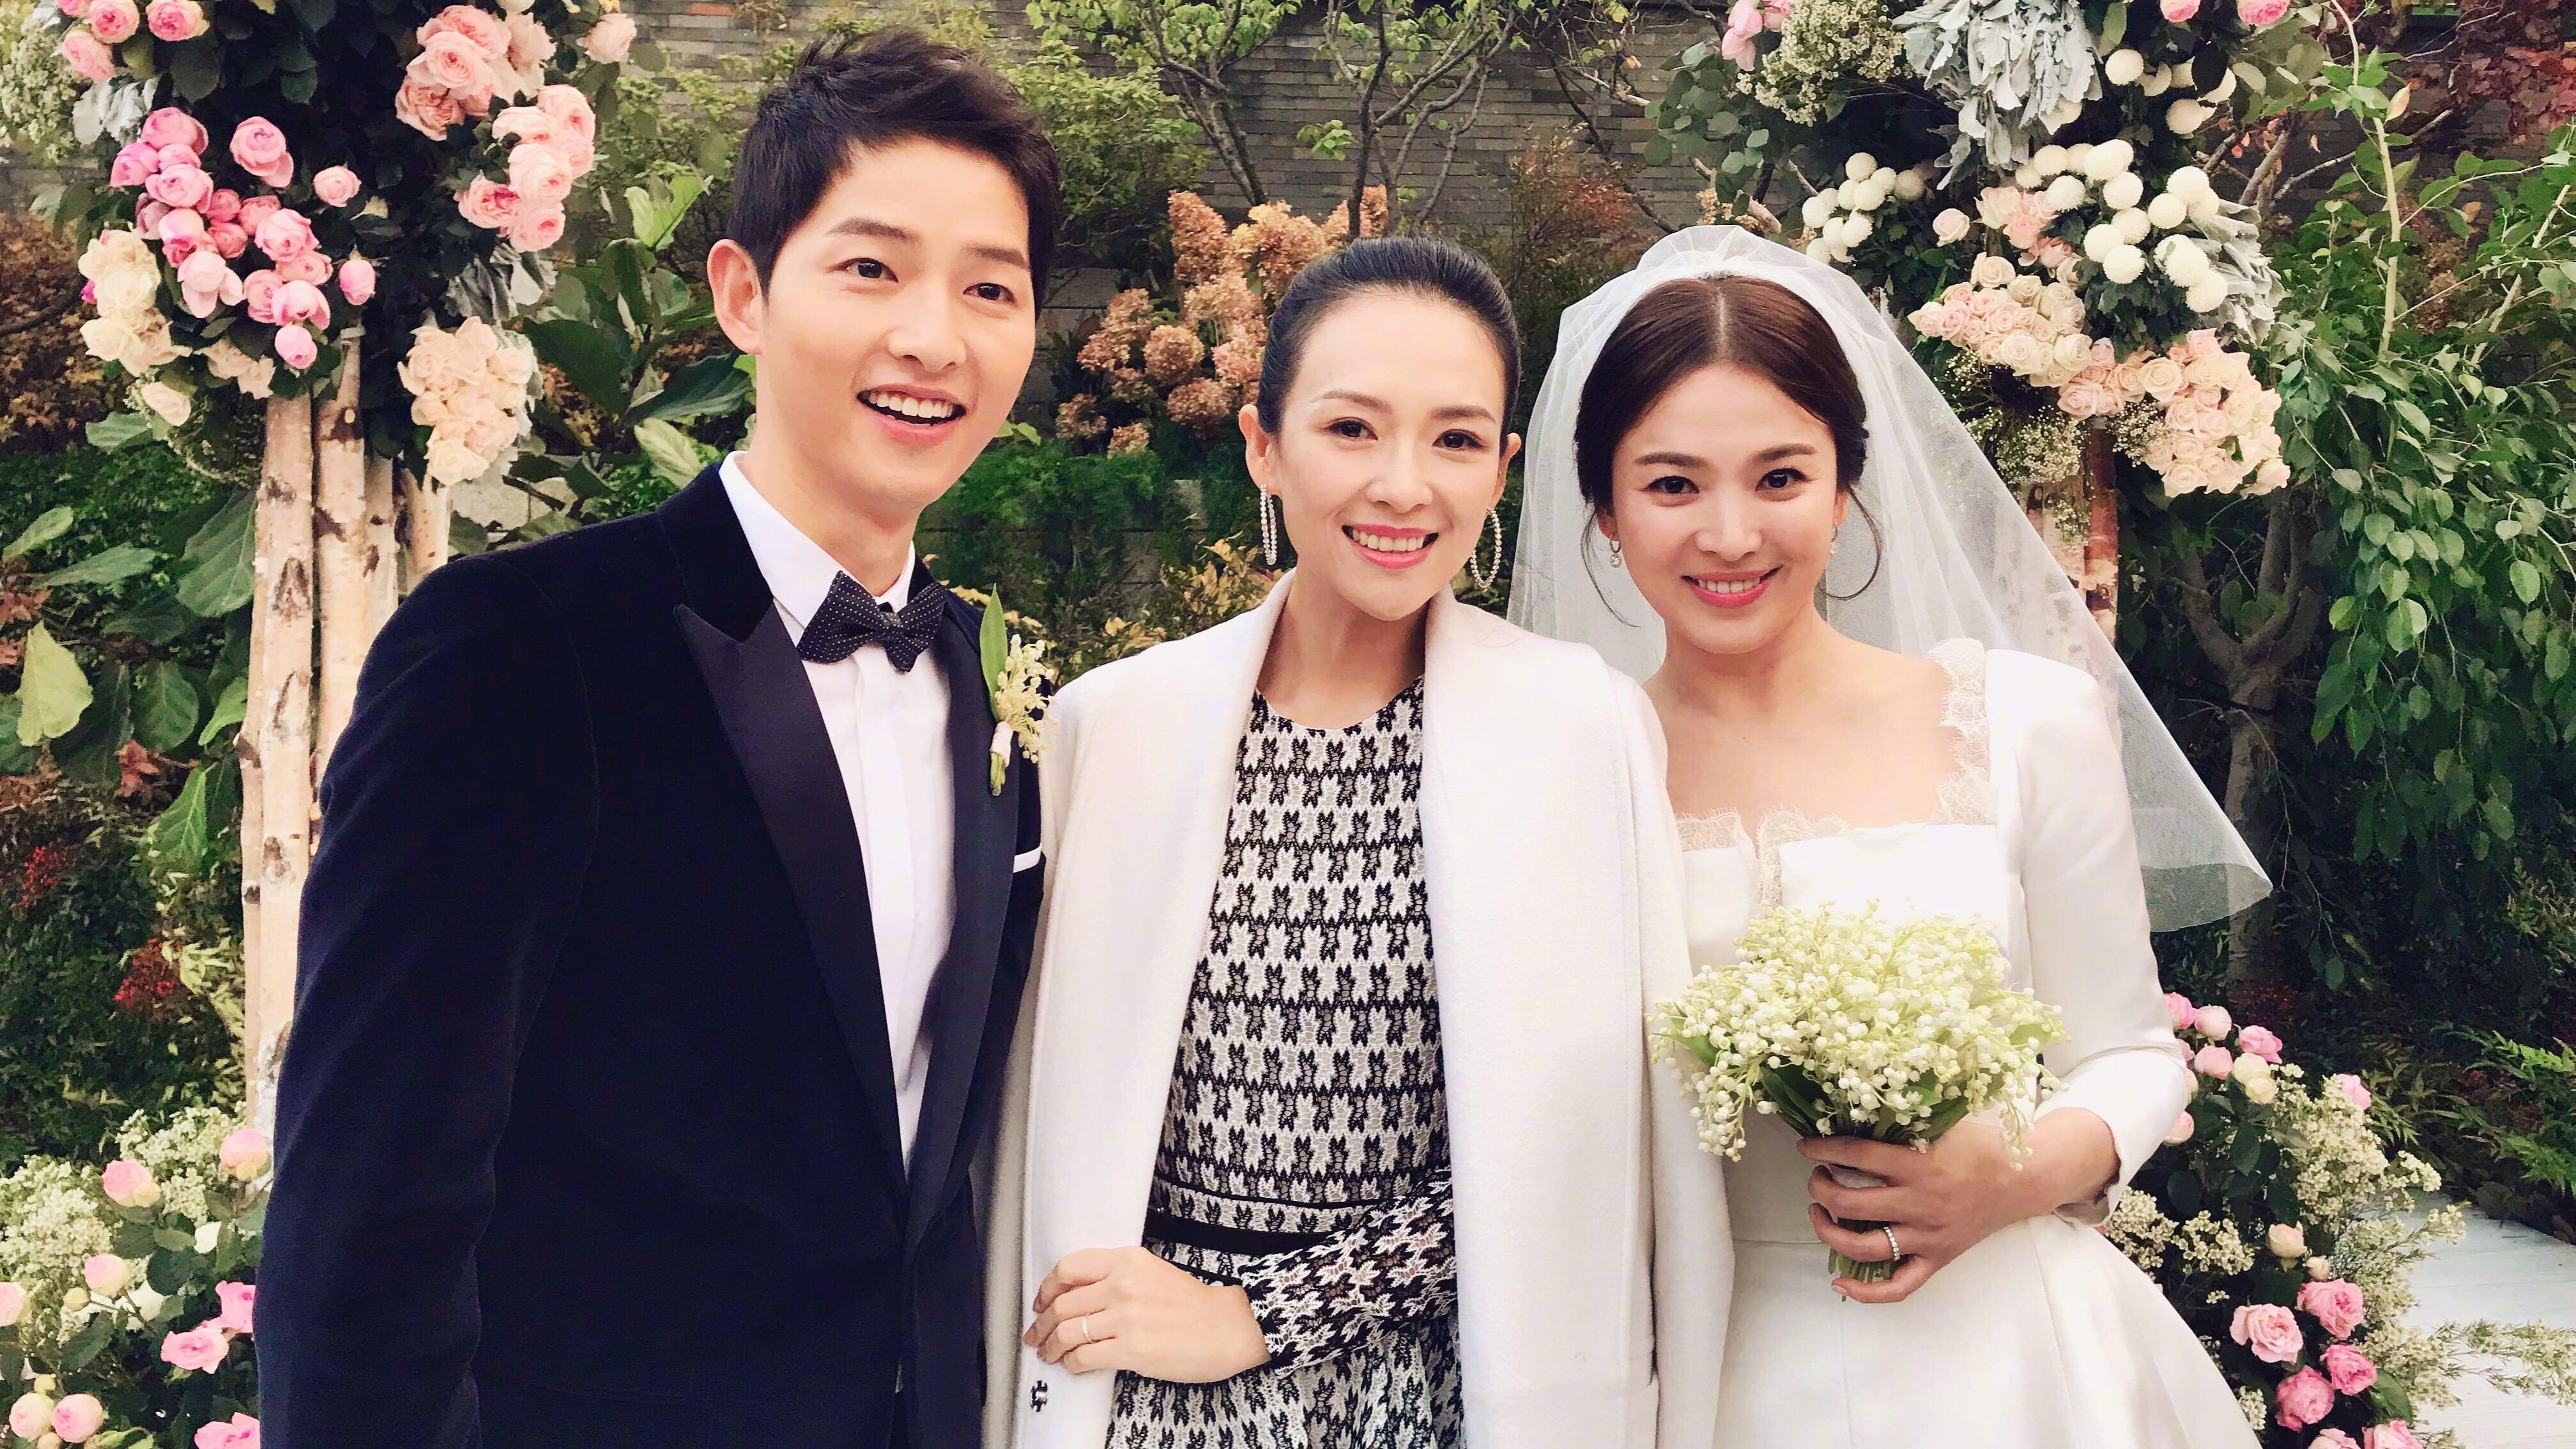 Zhang Ziyi Shares Photos From Song Hye Kyo And Song Joong Ki's Wedding